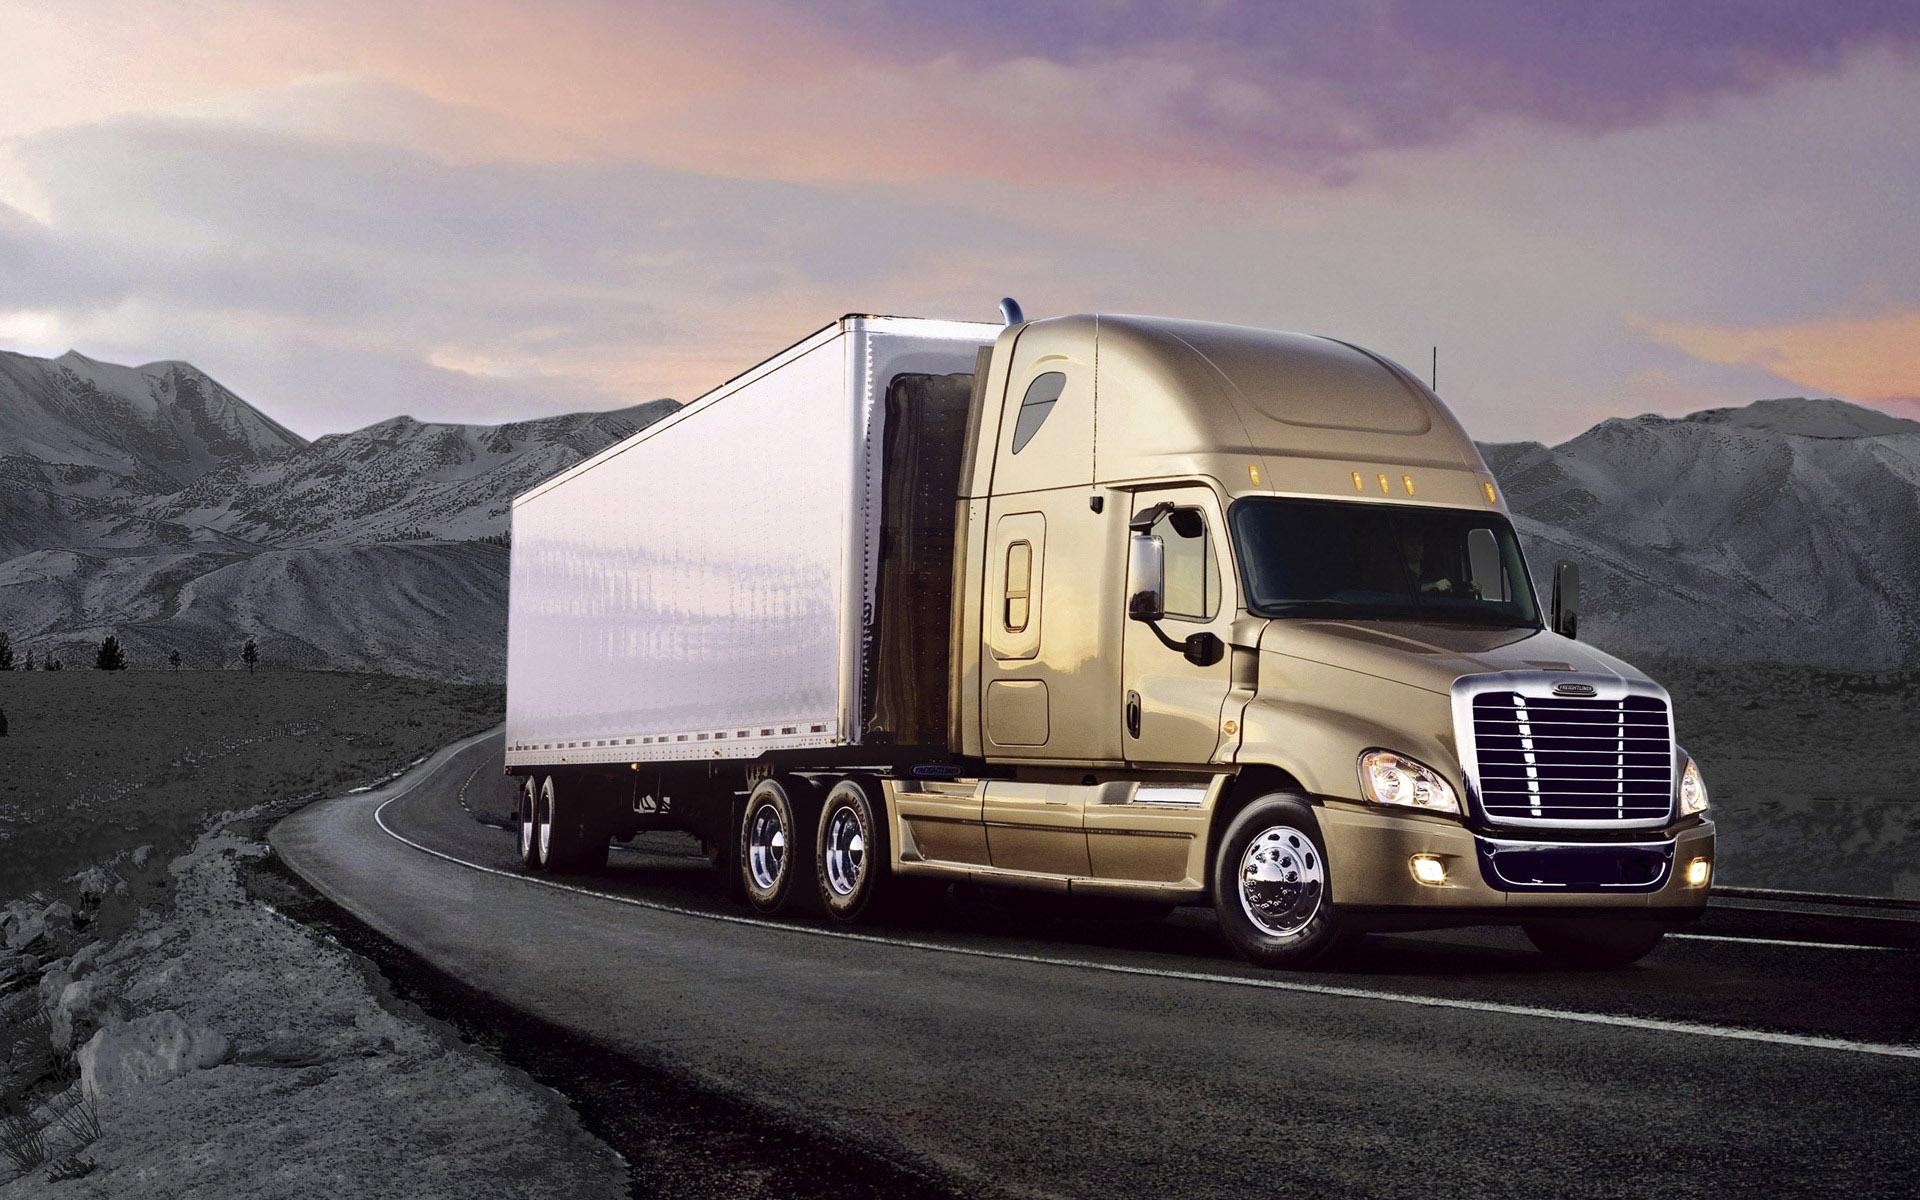 ... Truck Wallpaper · Truck Wallpaper